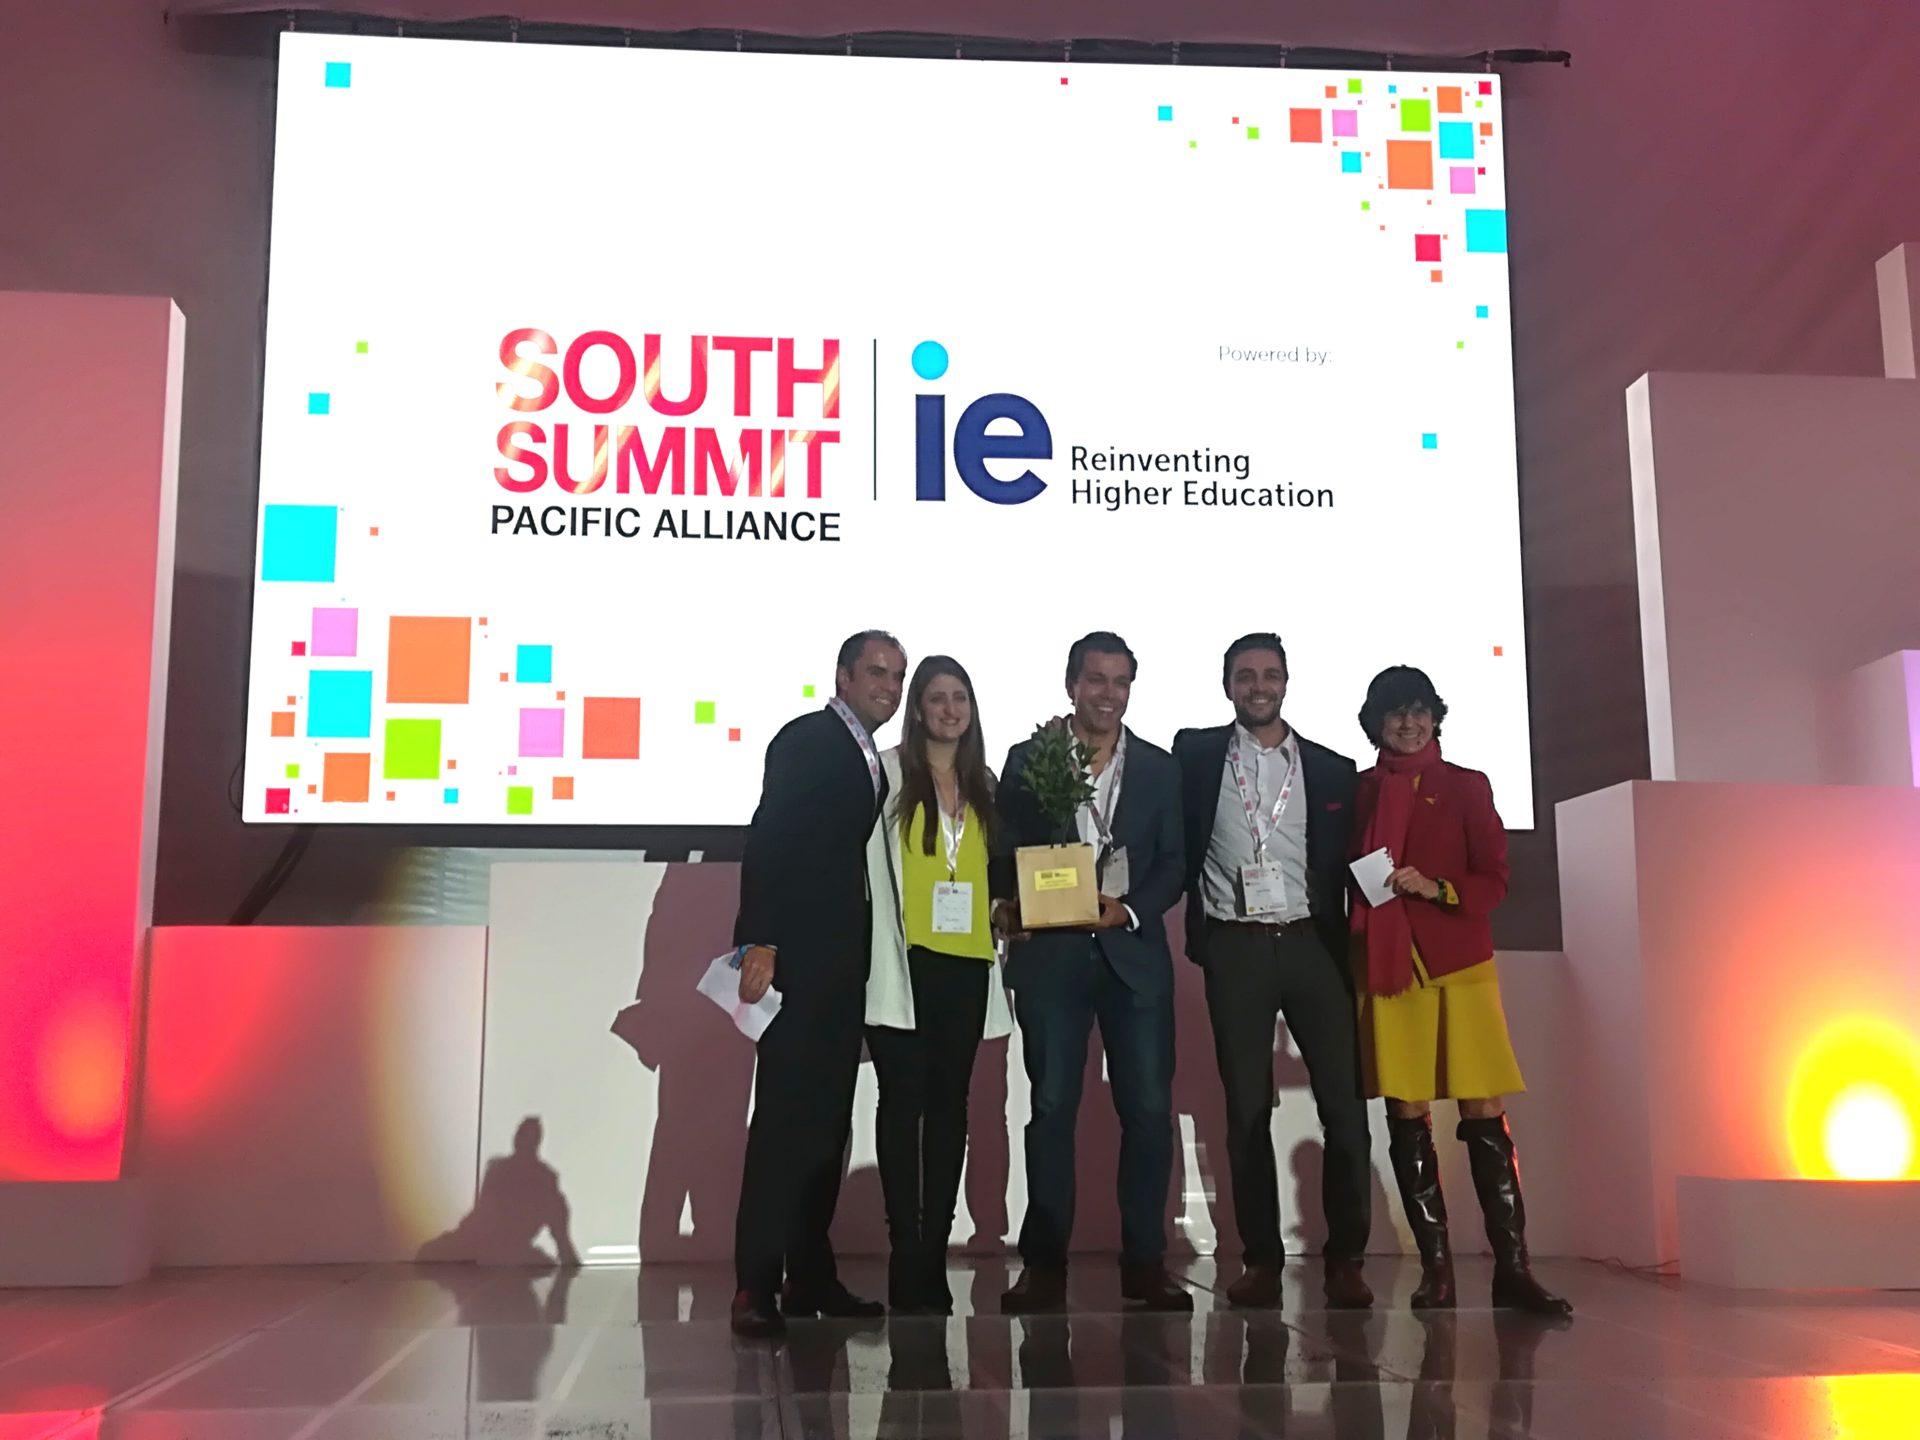 ftografía de Leal, la startups colombiana que ganó en la categoría de mejor equipo